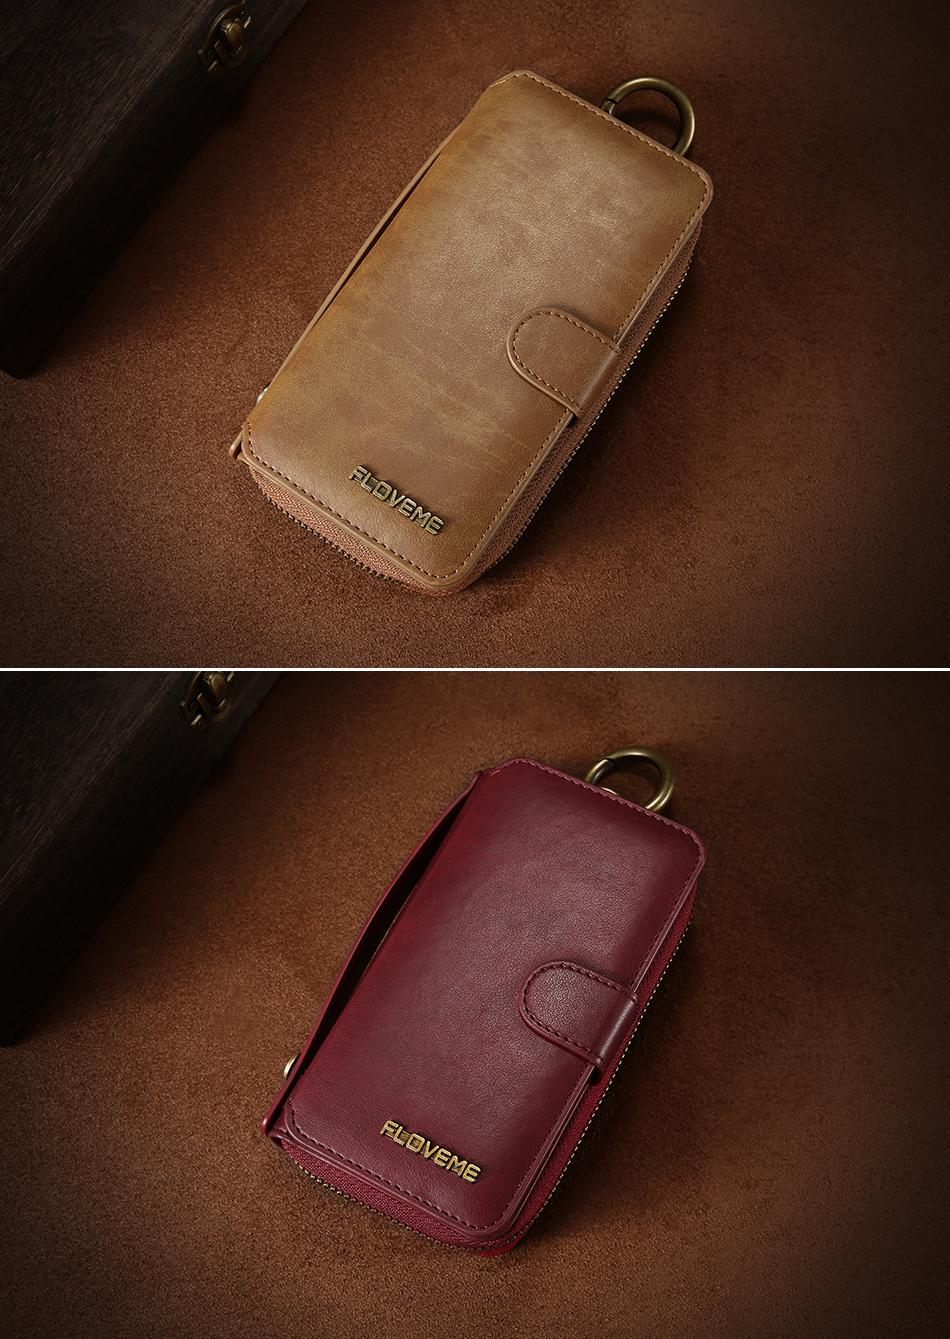 Floveme vintage leather wallet phone case for iphone 7 7 plus 6 6 s plus retro torebka slot kart pokrywa dla samsung s7 s8 coque 21